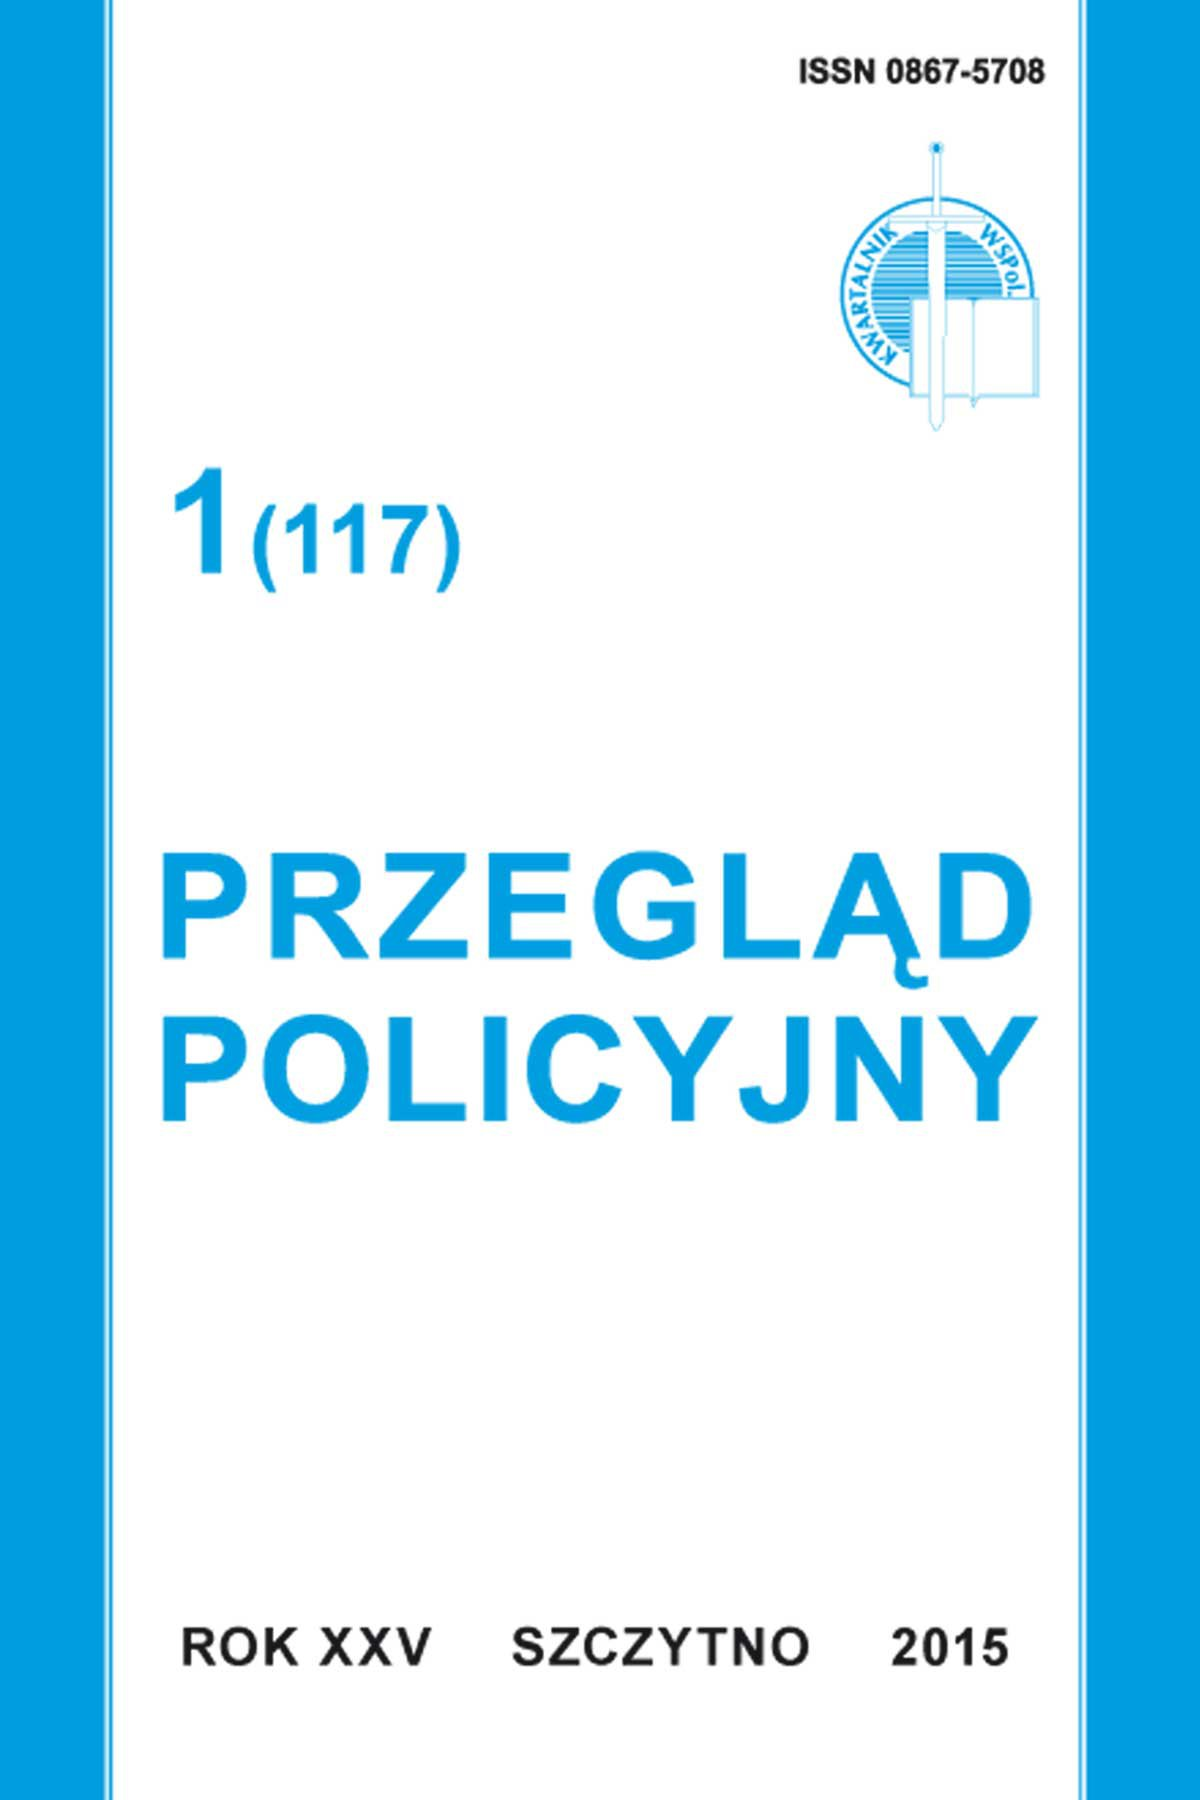 Przegląd Policyjny, nr 1(117) 2015 - Ebook (Książka PDF) do pobrania w formacie PDF